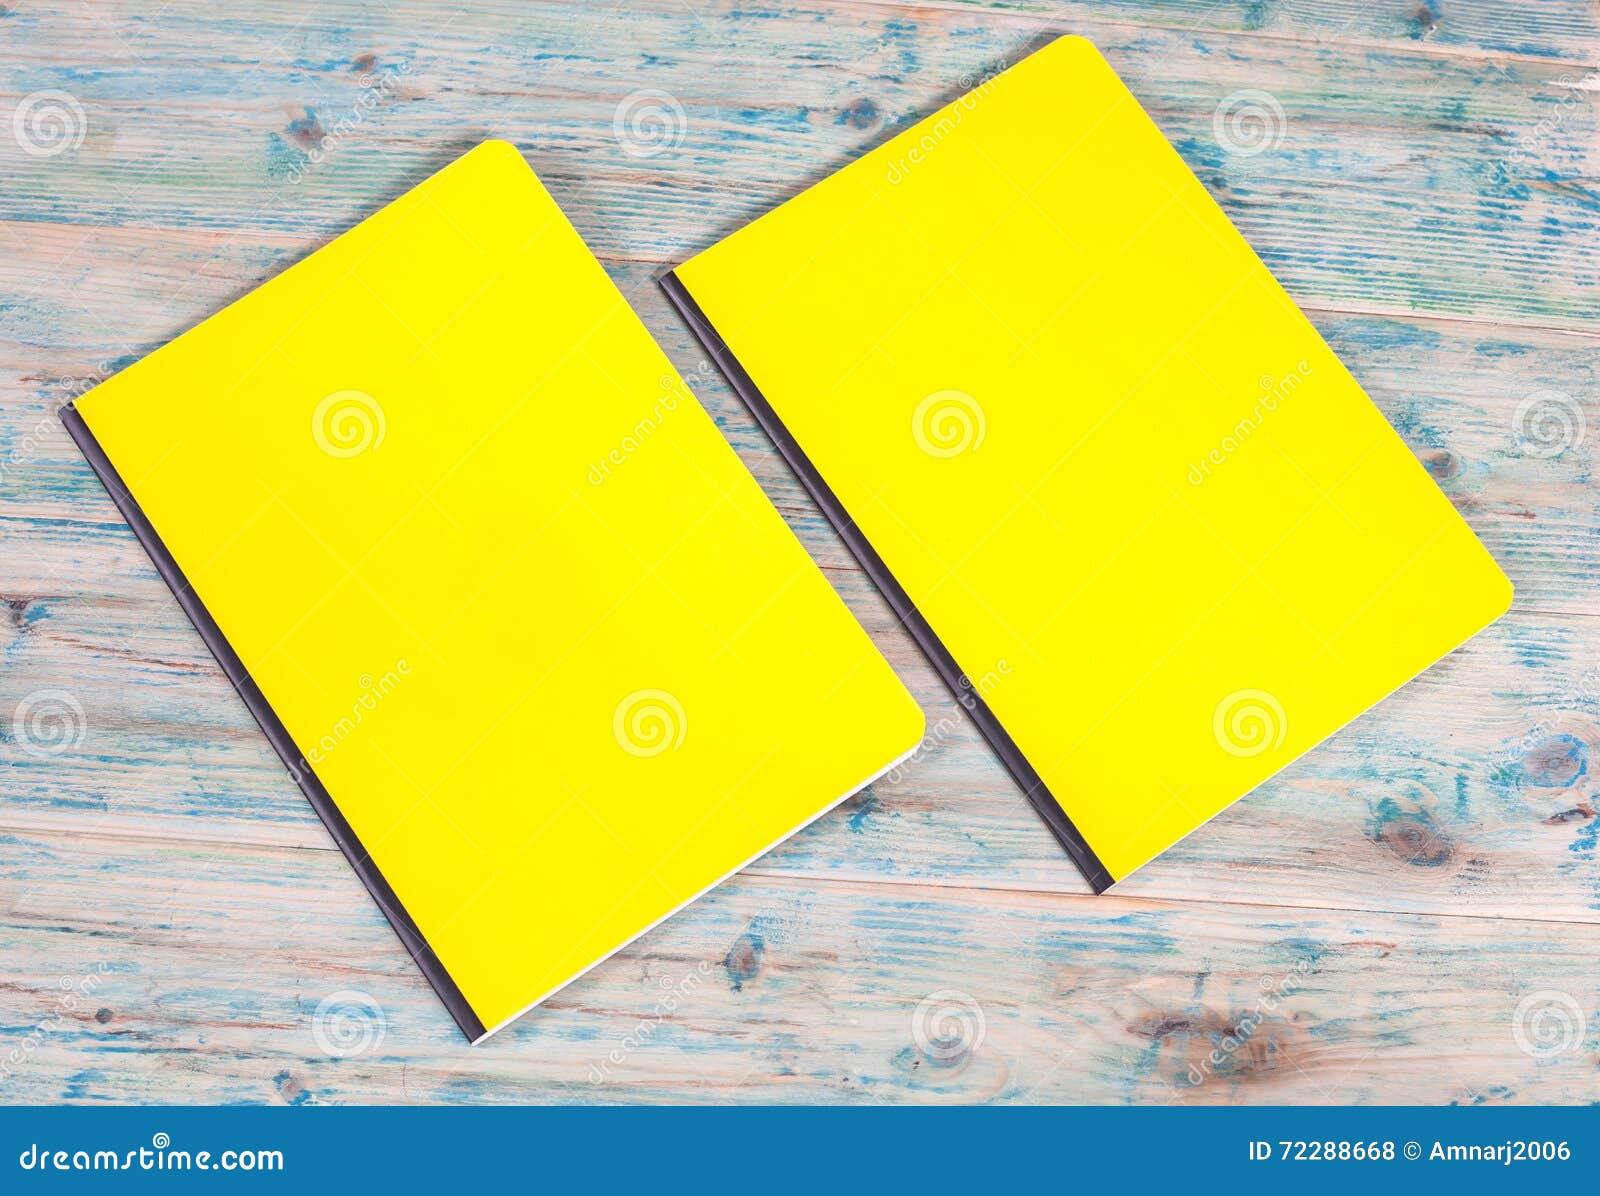 Download Книга пустой крышки на древесине Стоковое Фото - изображение насчитывающей маркетинг, памфлет: 72288668